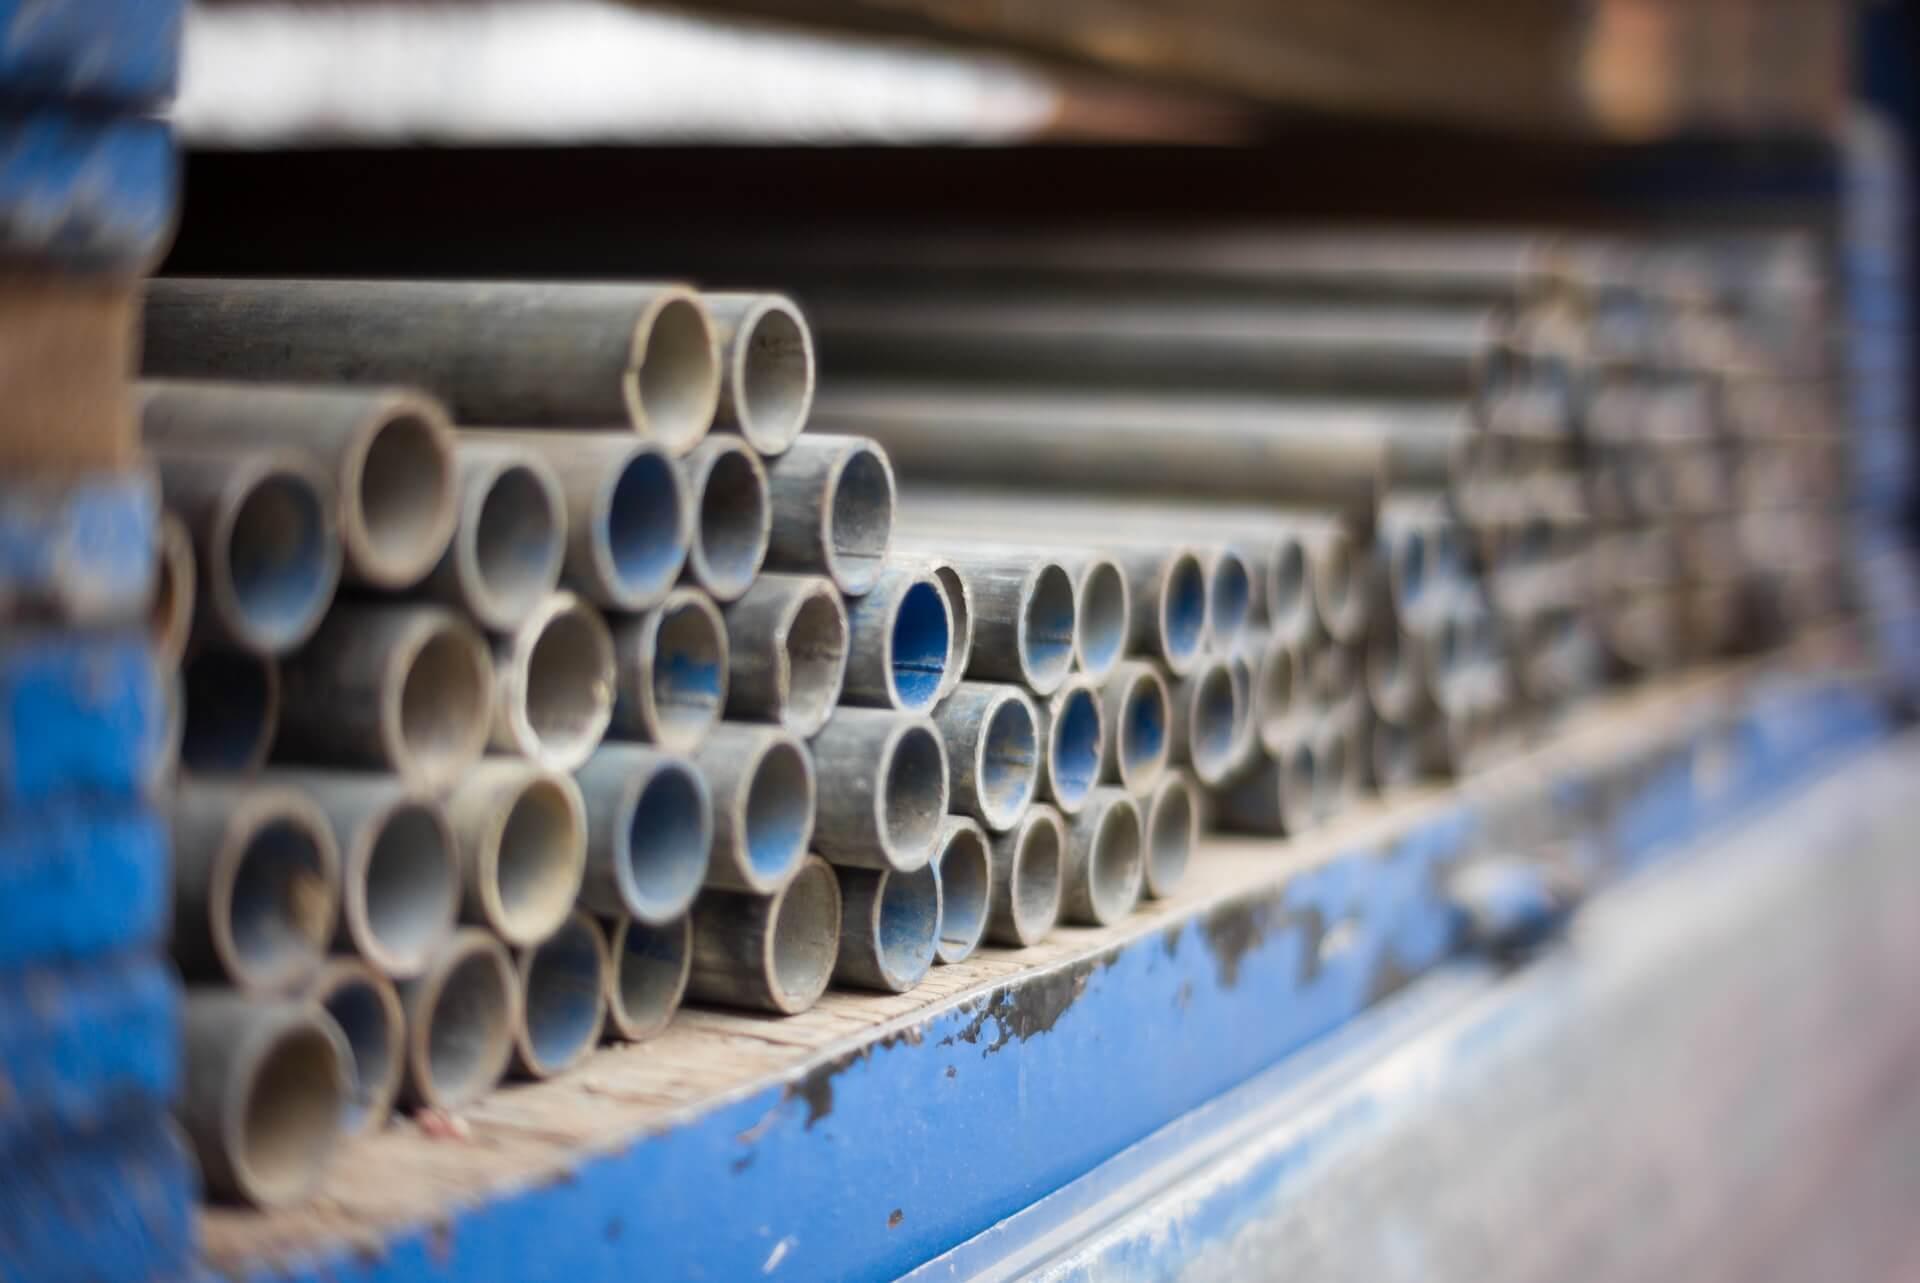 Moderne Rohrkonstruktionen sind insbesondere bei Modernisierungen und Sanierungen sinnvoll und kostensparend.